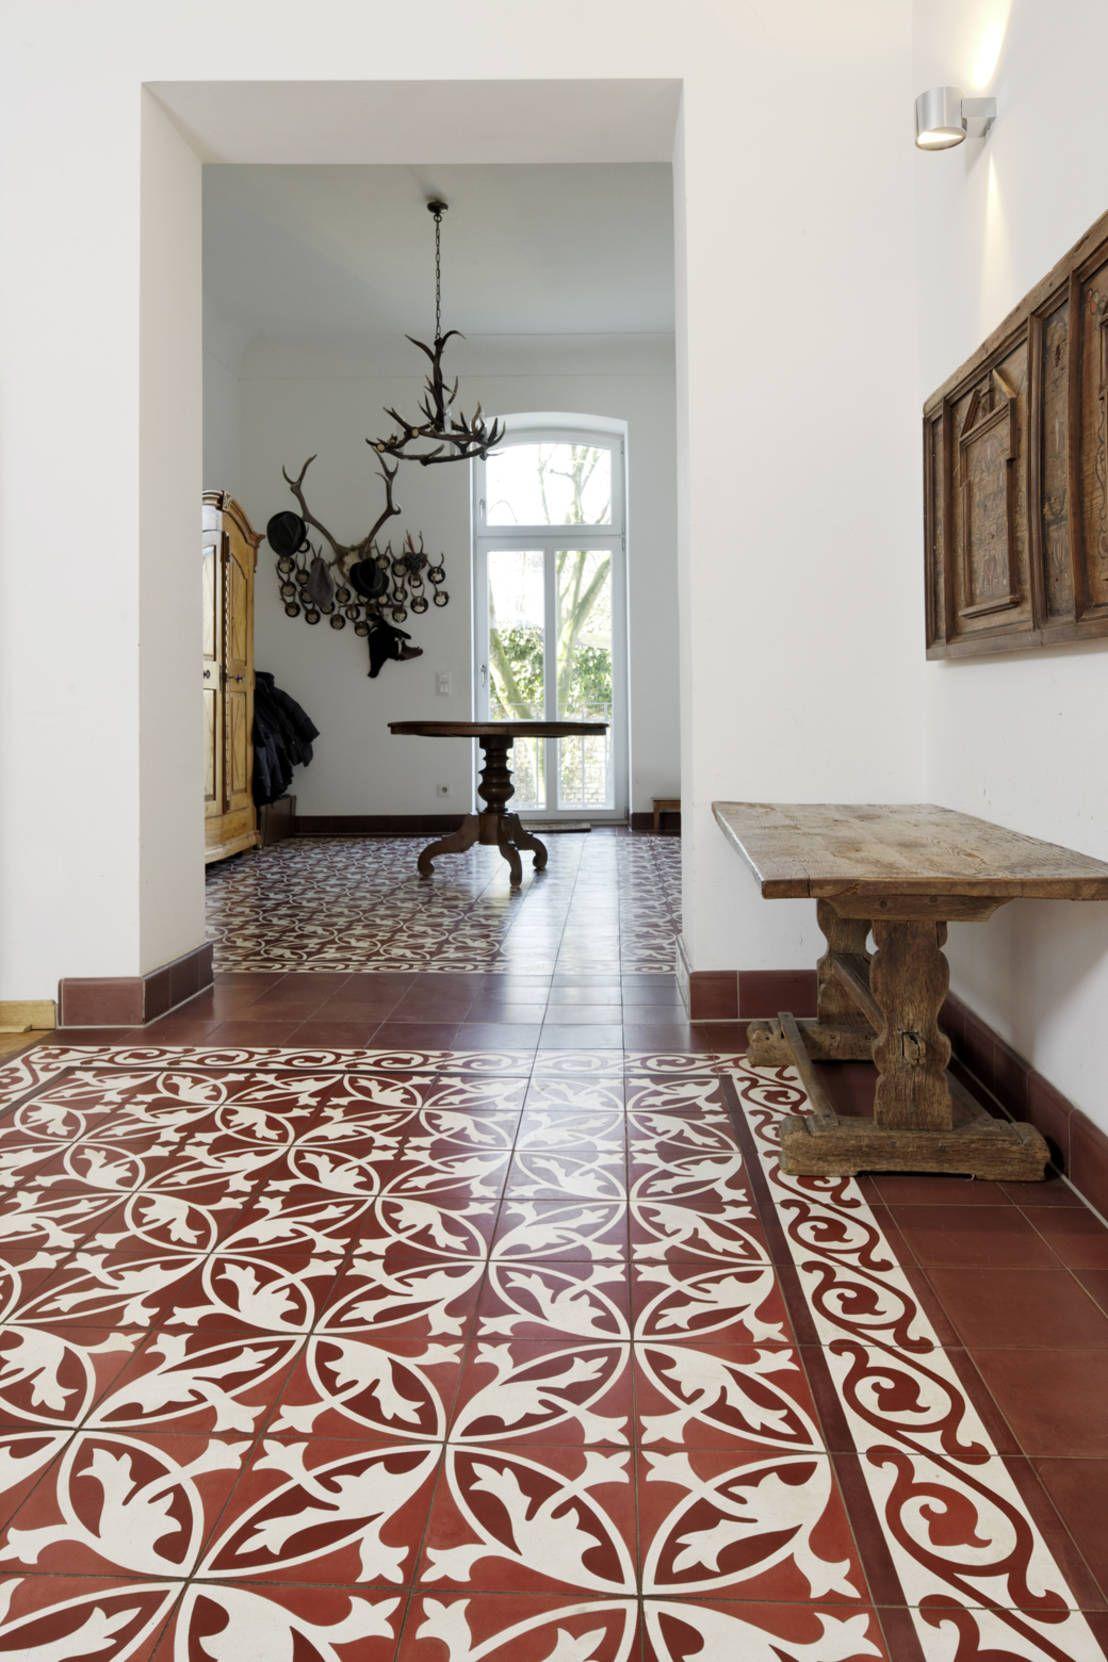 eine fantastisch moderne wohnung in einem historischen haus - Fantastisch Moderne Innenarchitektur Einfamilienhaus